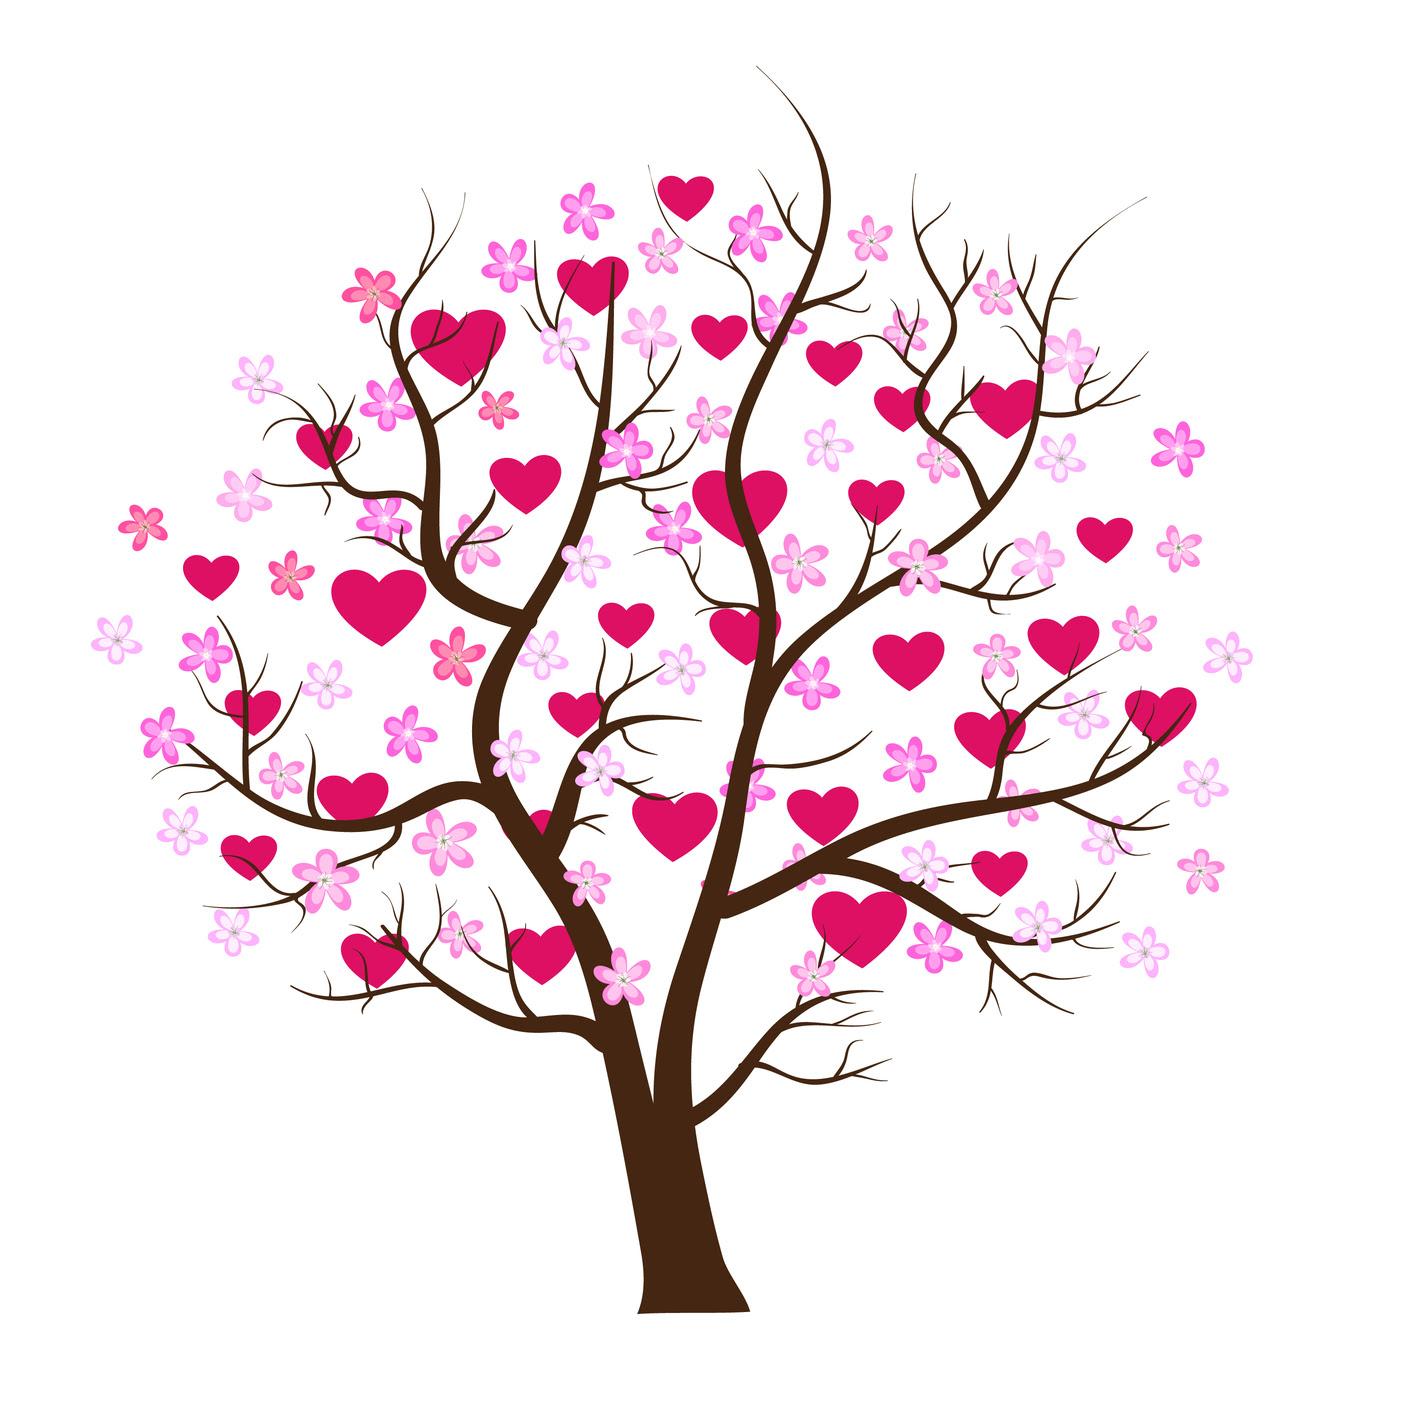 árboles Genealógicos El Lamento No Viene A Cuento Ni Trae Cuenta